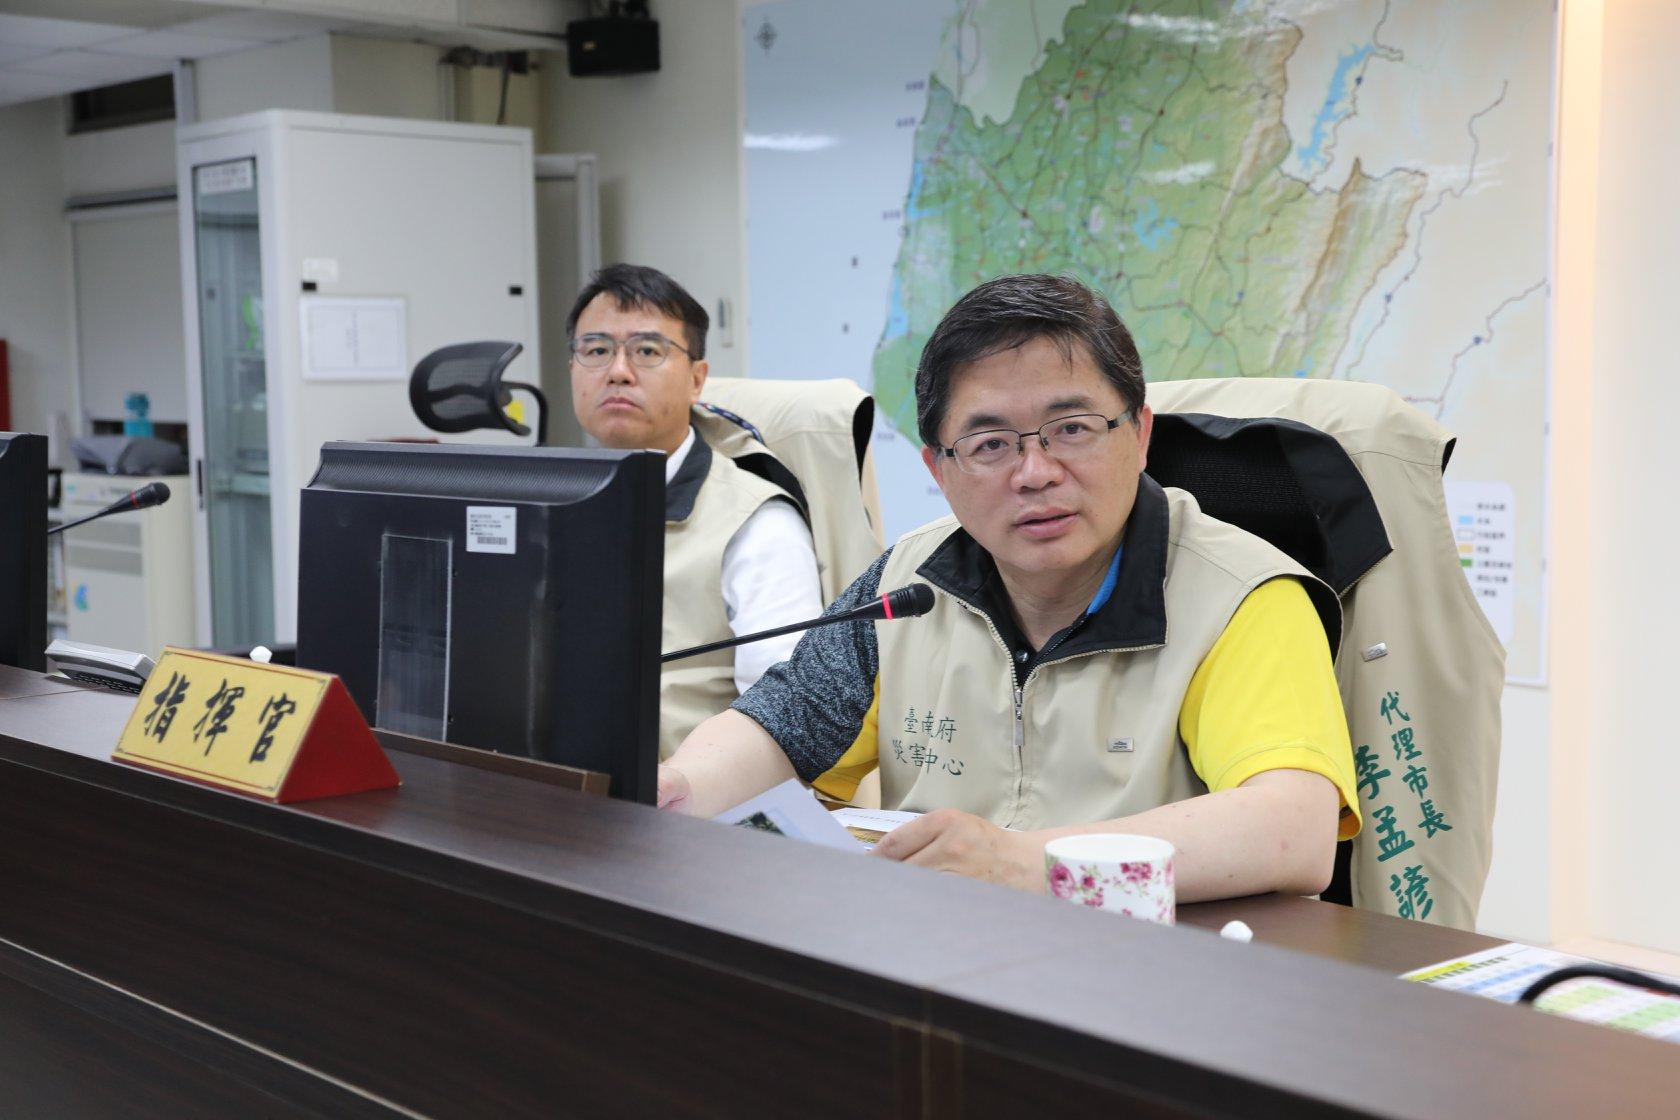 雨炸台南 市長宣布不停班課原因被大讚